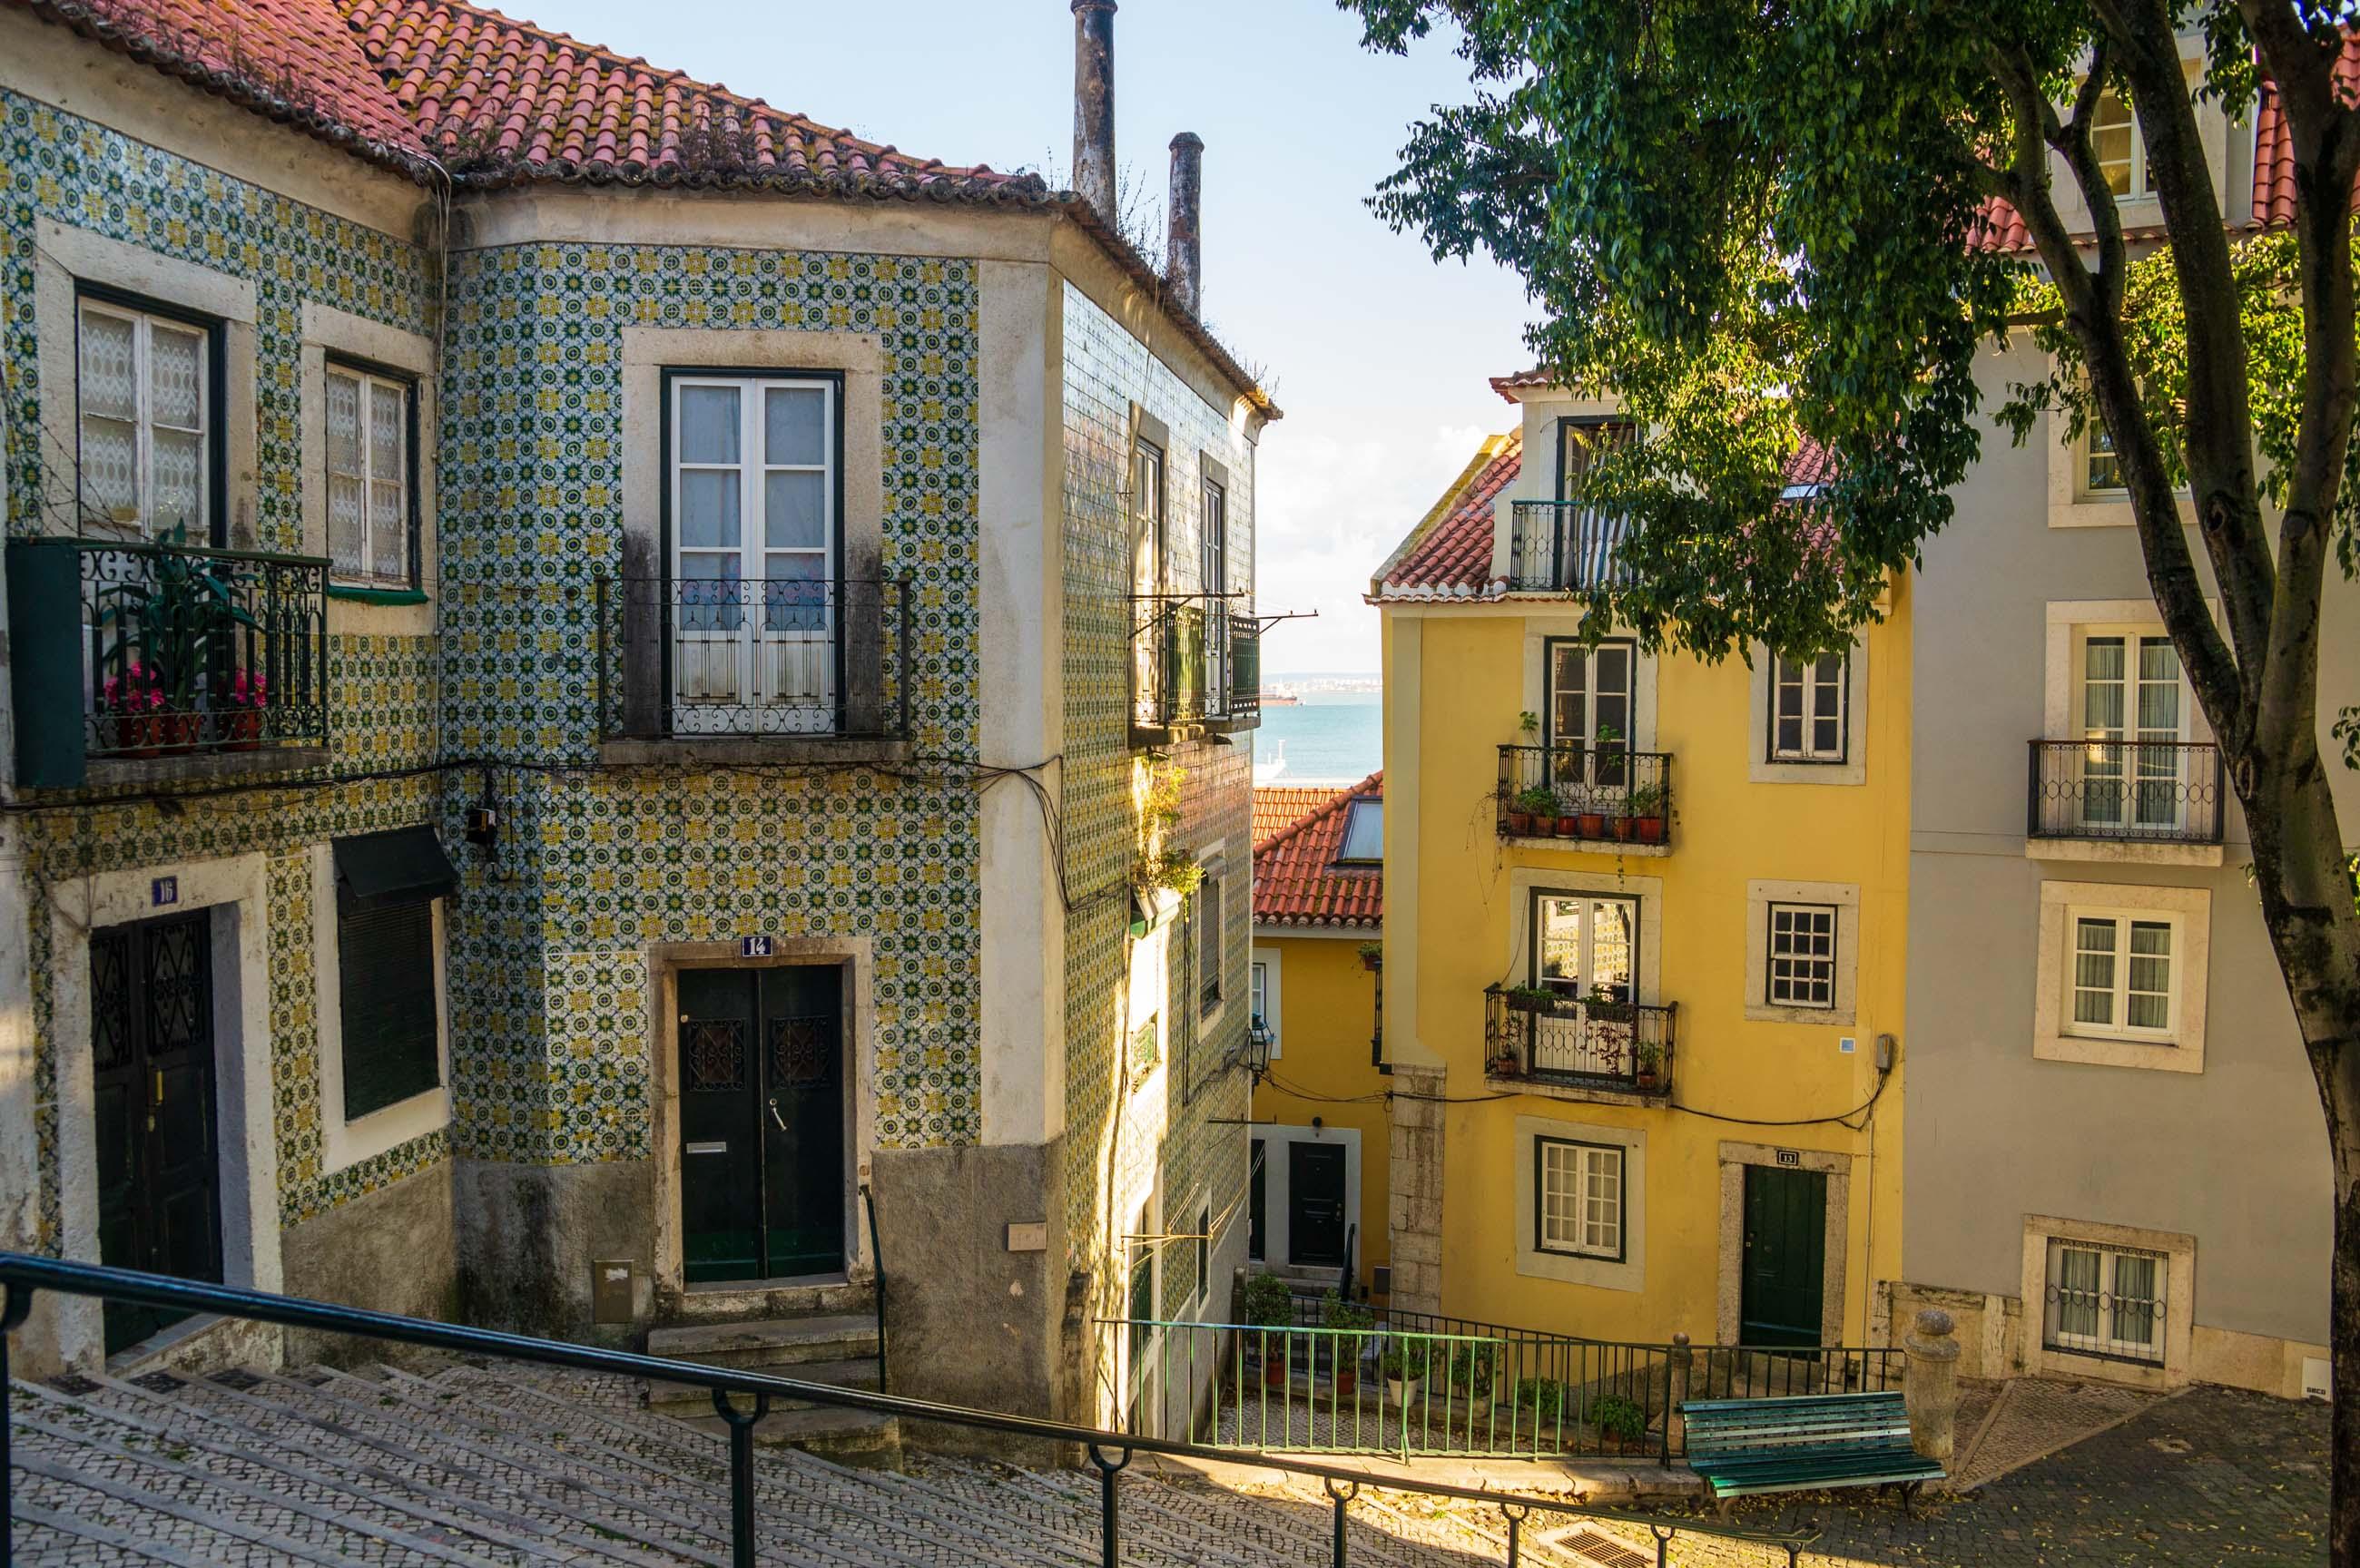 https://bubo.sk/uploads/galleries/16329/jozefzeliznakst_portugalsko_lisabon_dsc06054.jpg